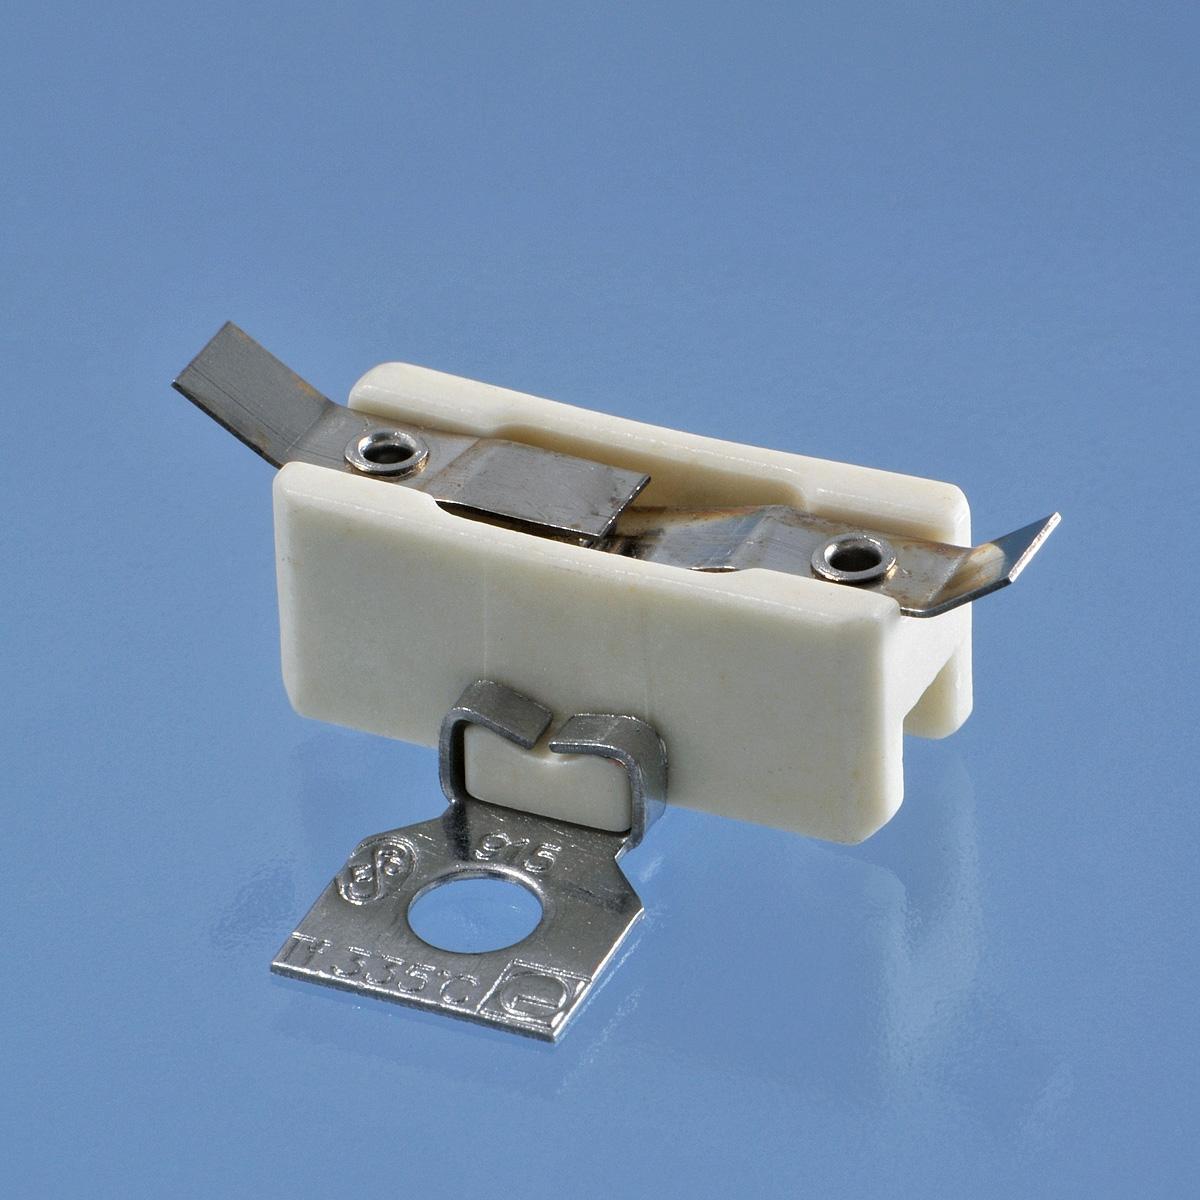 Nevratná pojistka slouží jako bezpečnostní prvek, například při selhání termostatu.